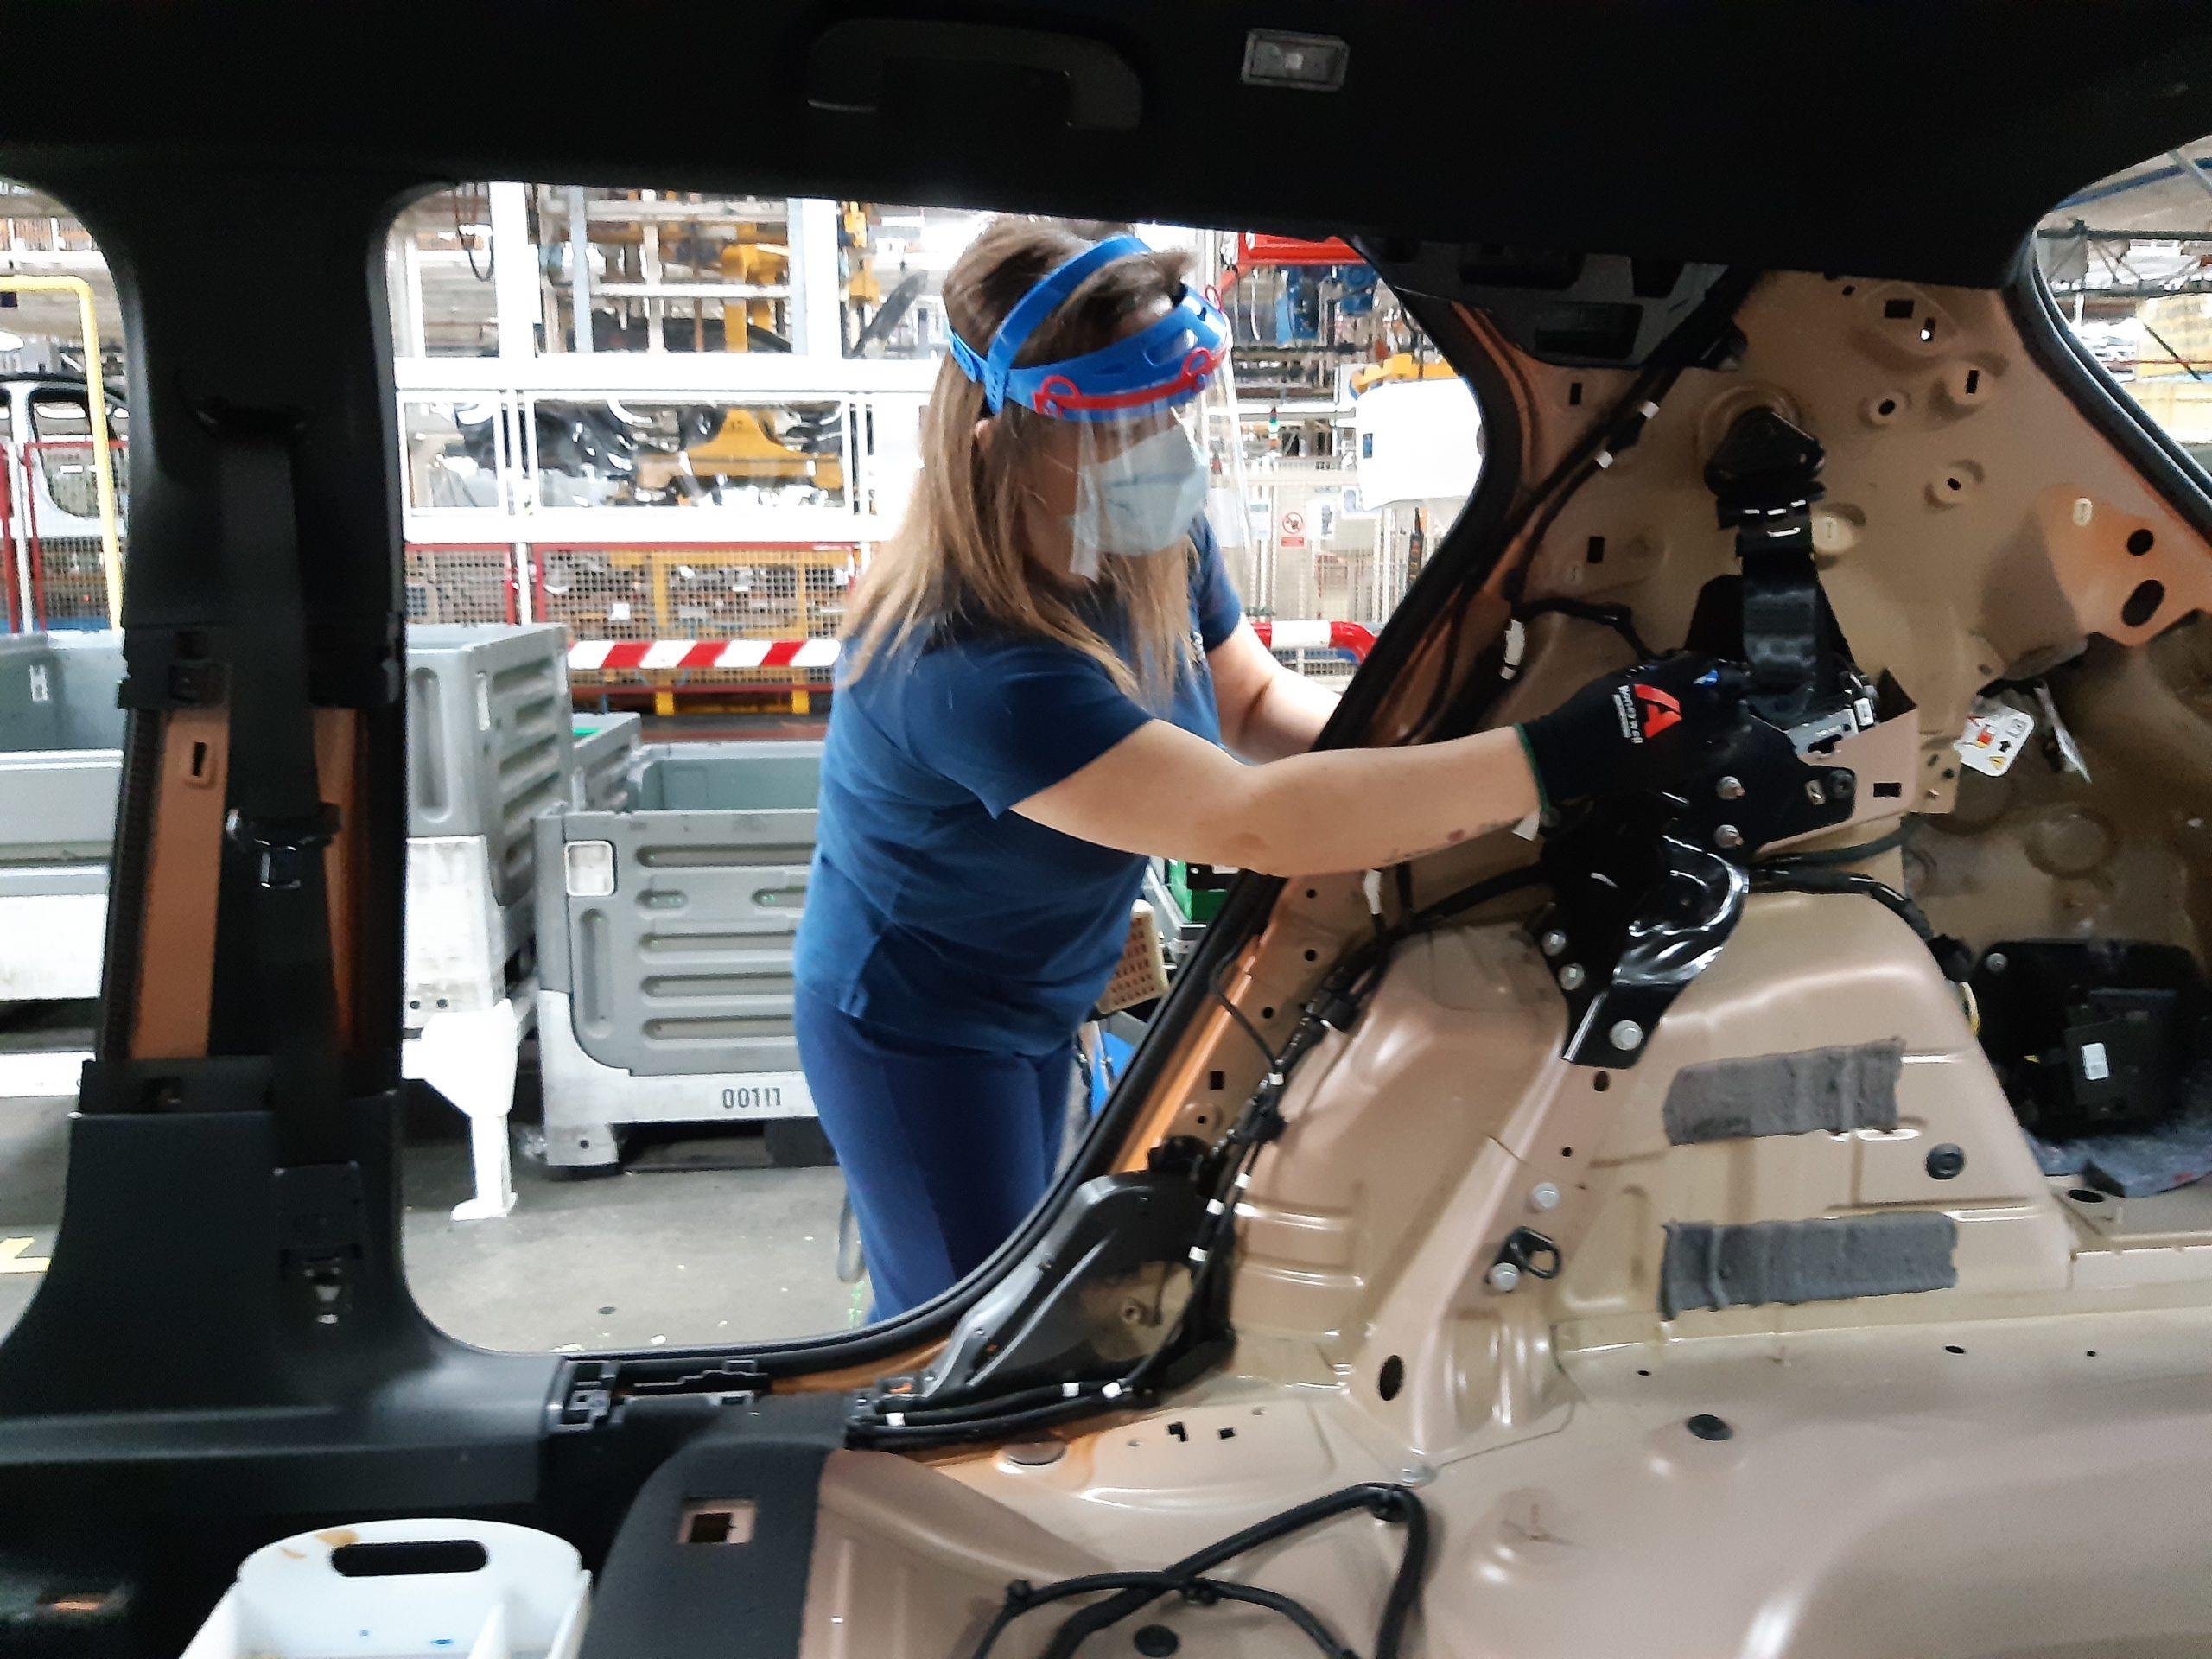 Les séances du 8 février sont maintenues à Sochaux, à l'usine Stellantis (Ex-PSA), malgré la pénurie de semi-conducteurs.